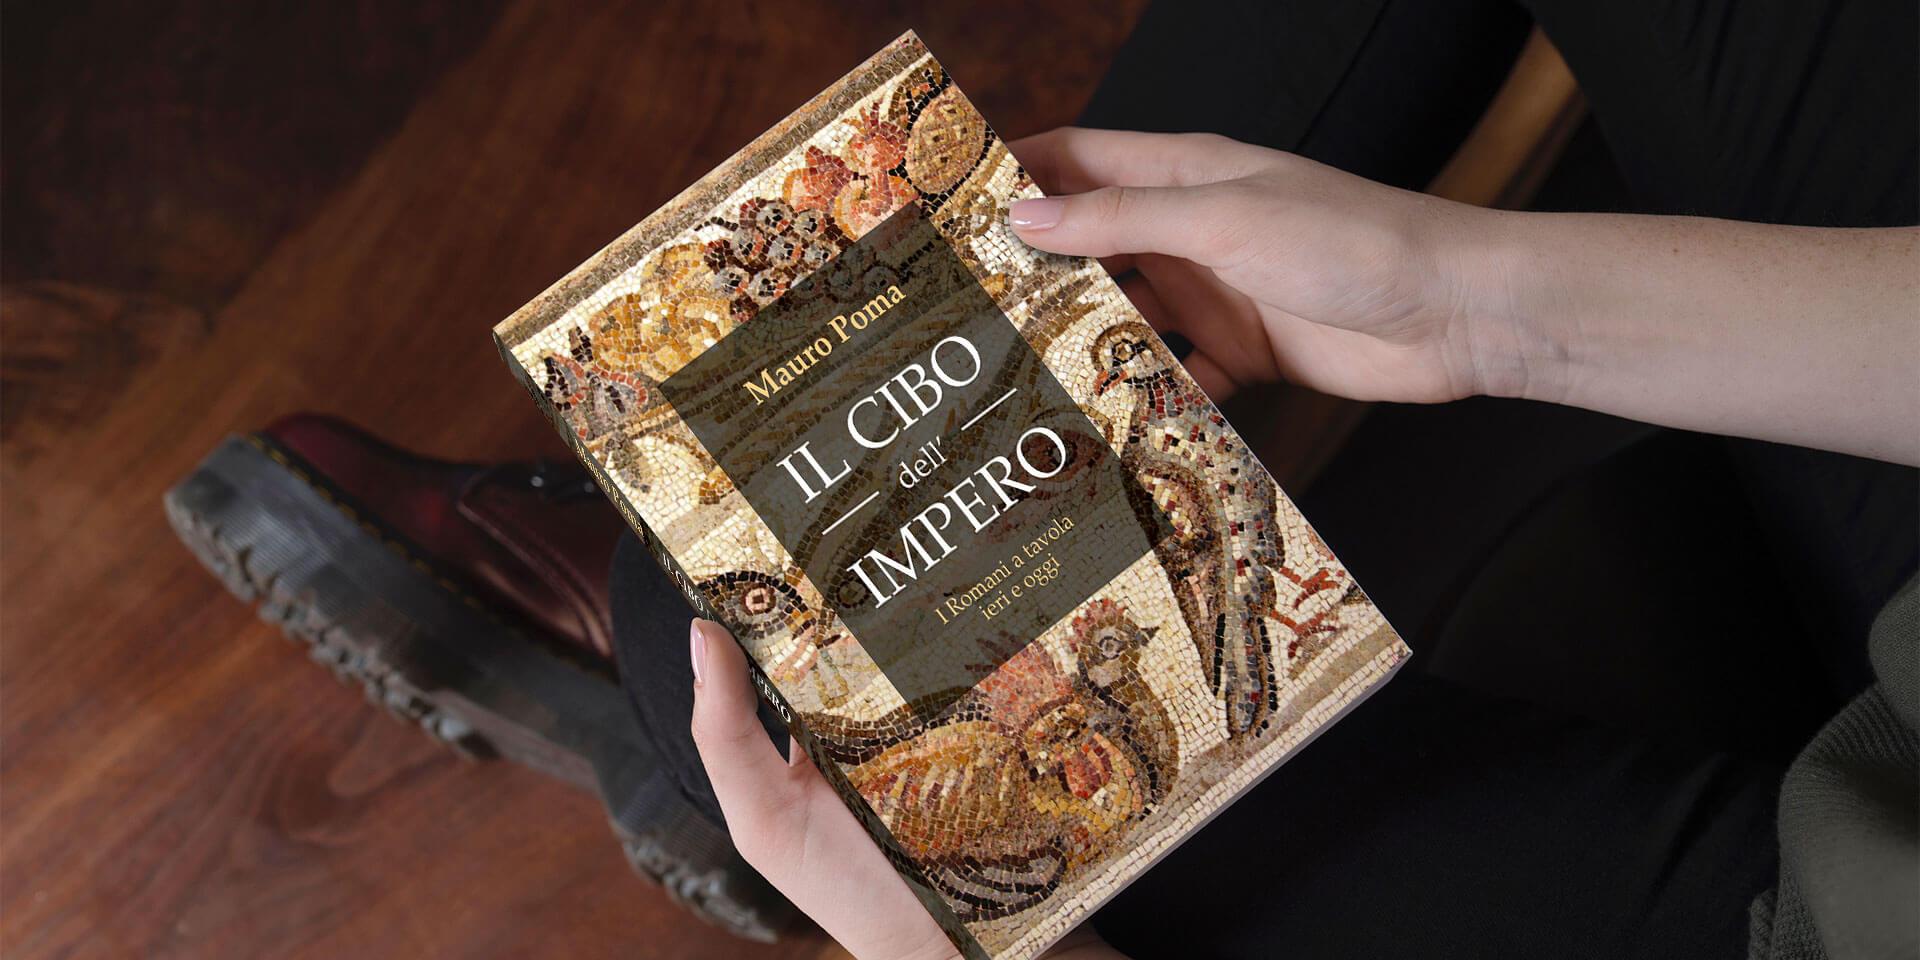 Claudia De Luca Grafica per la Stampa BOOK COVER